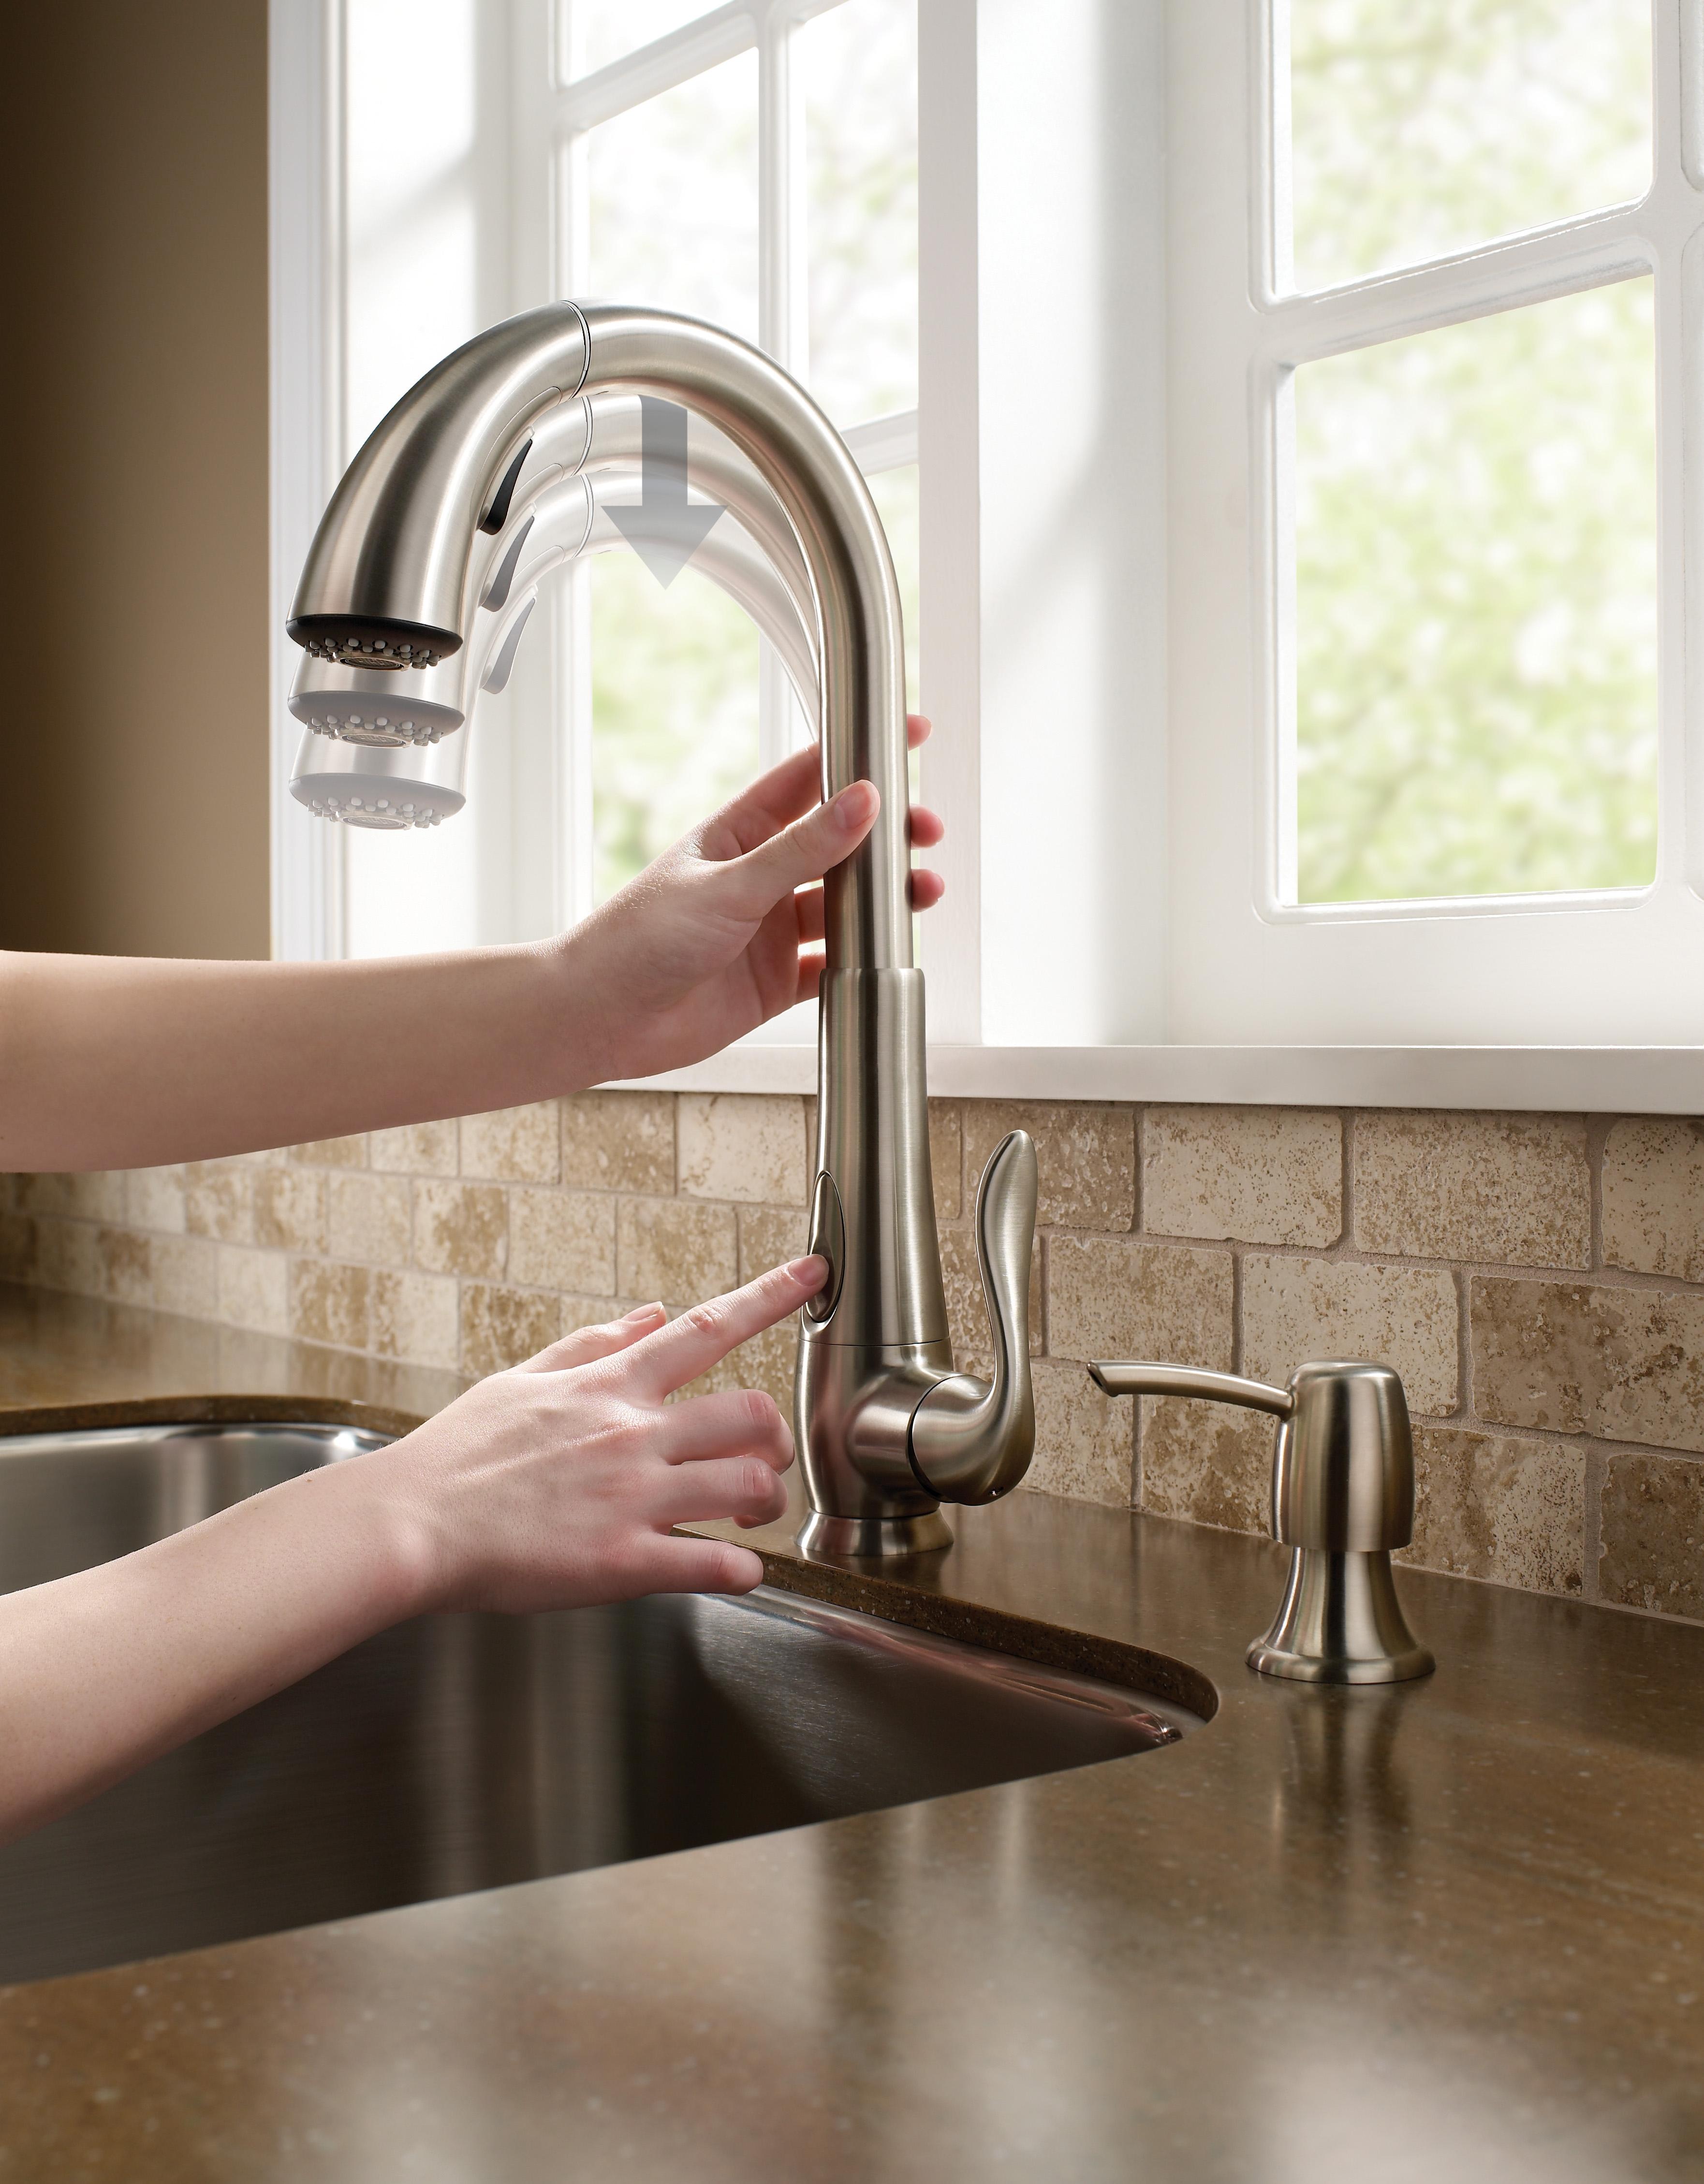 罎笆篏 kitchen faucet team pfister kitchen faucet ms 3501 water